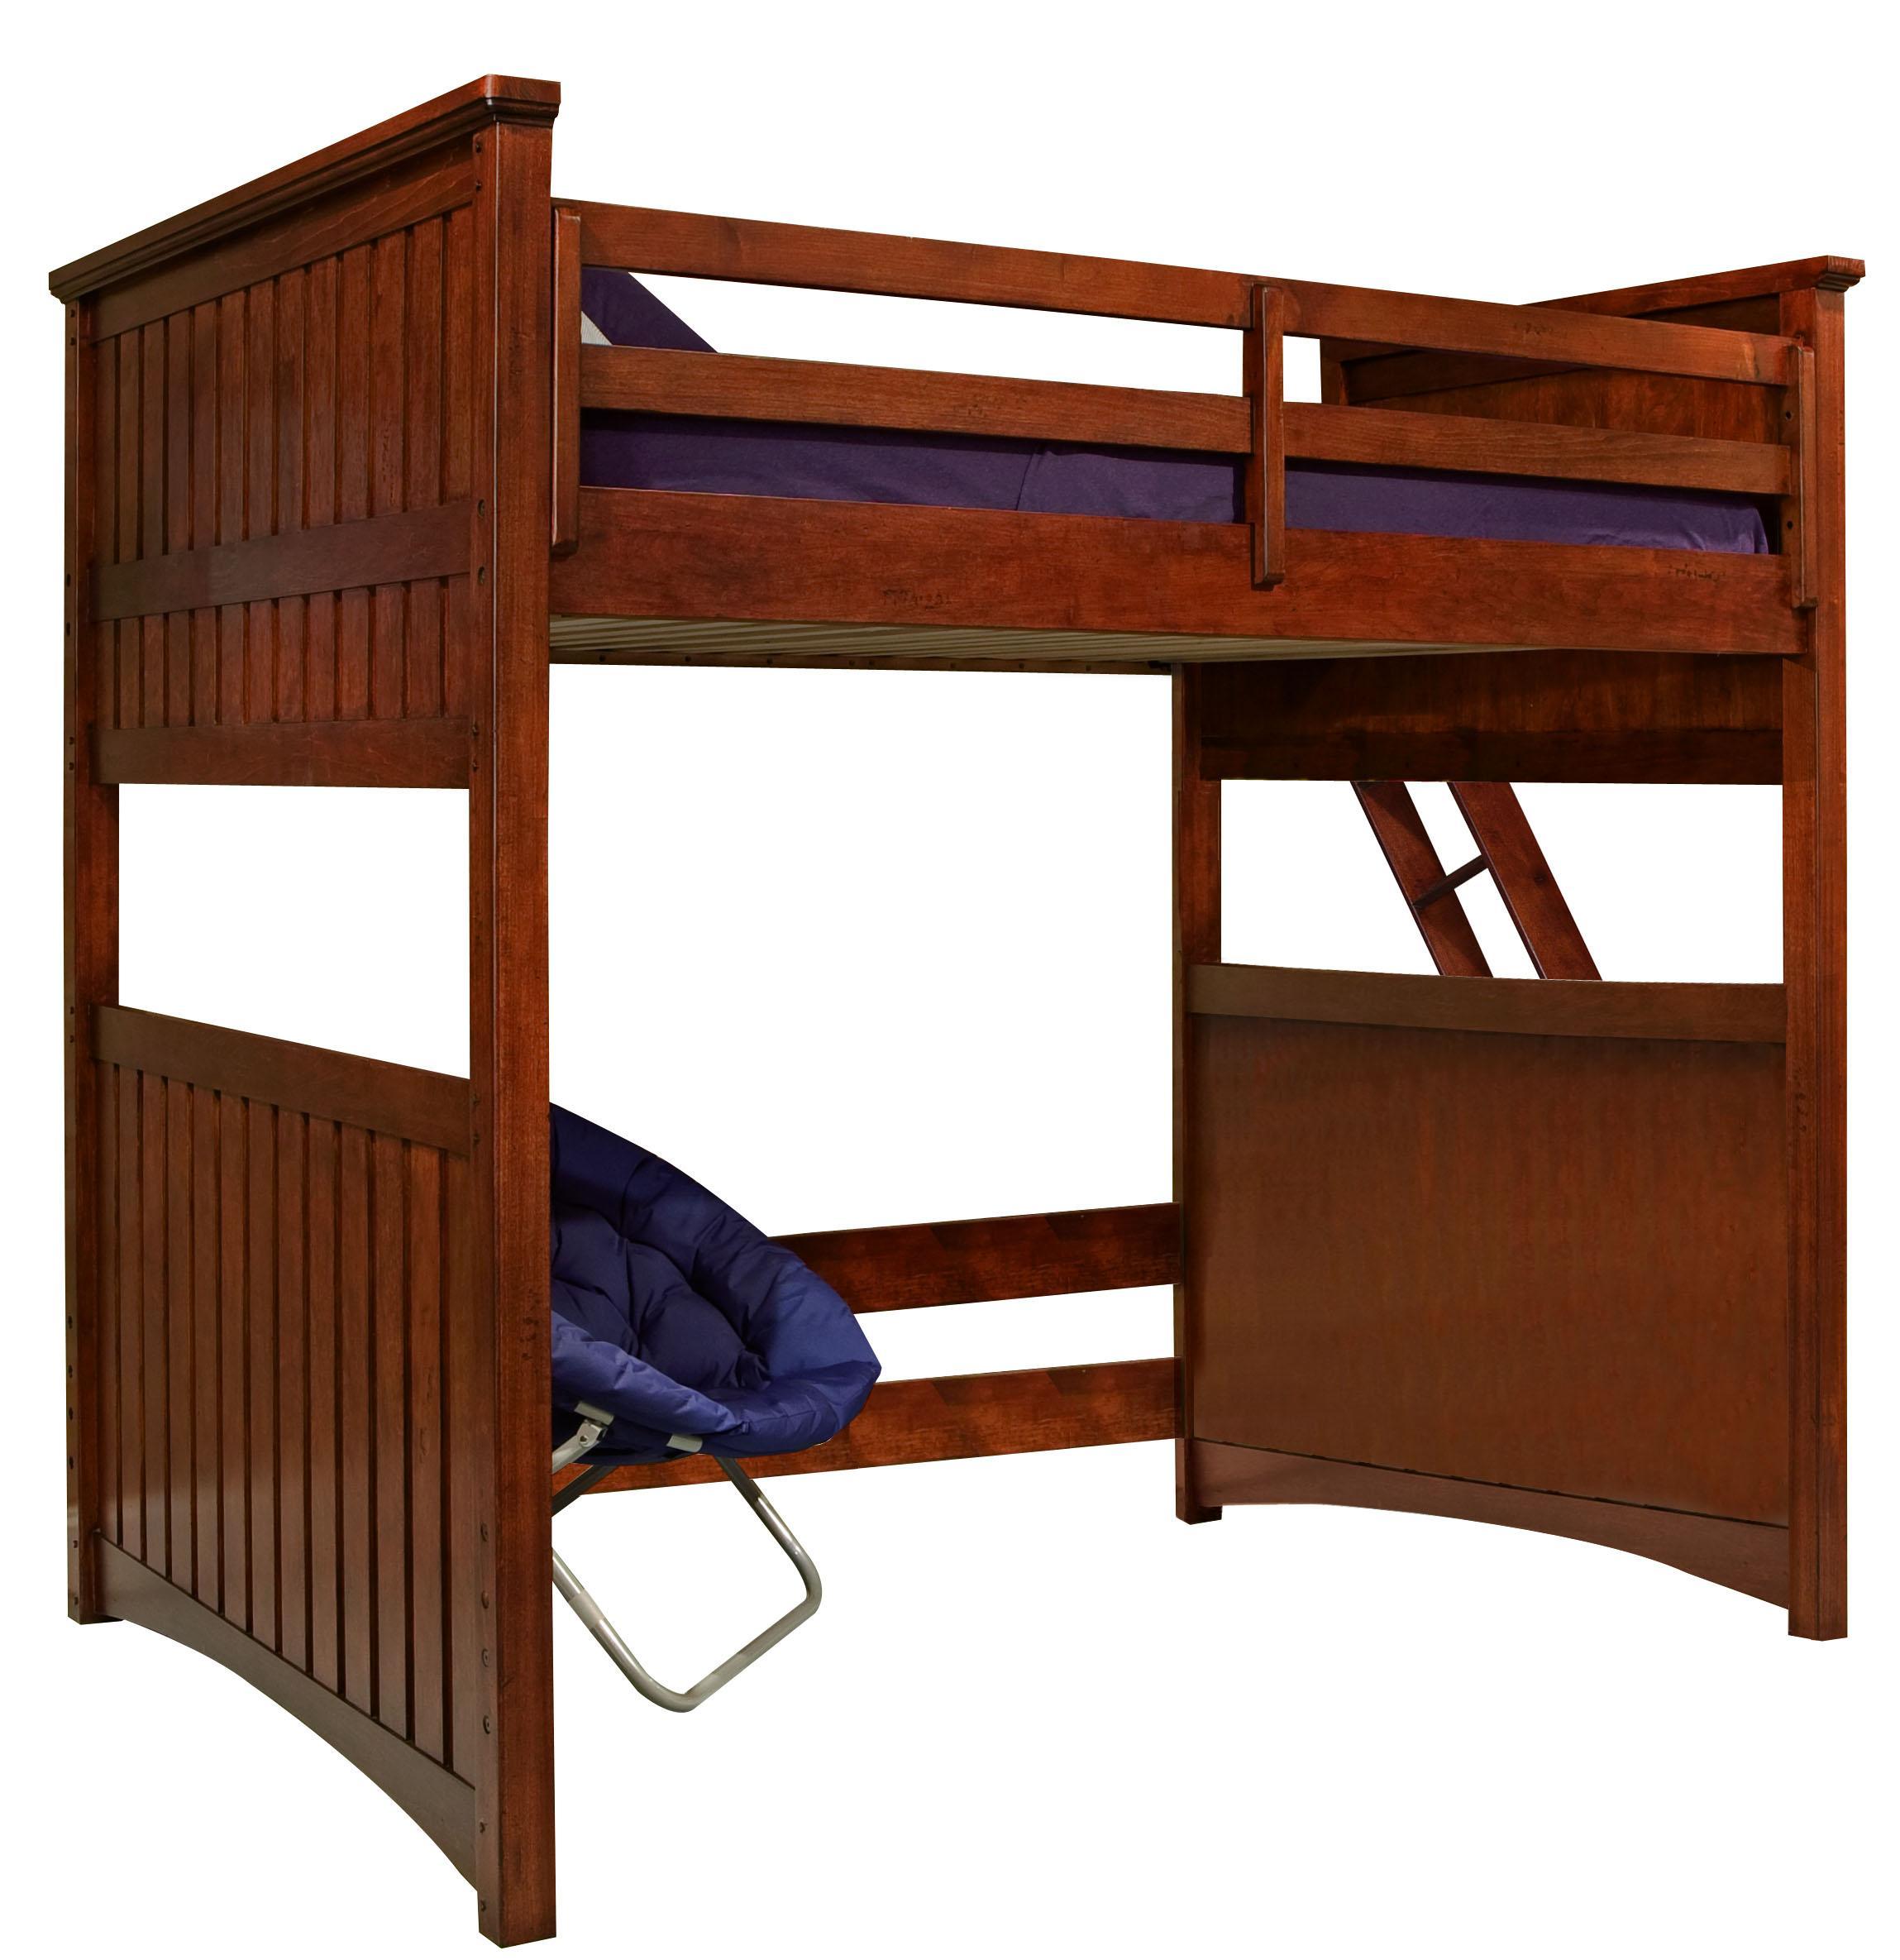 Legacy Classic Kids Dawsons Ridge Complete Full Loft w/ Ladder - Item Number: 2960-8520K